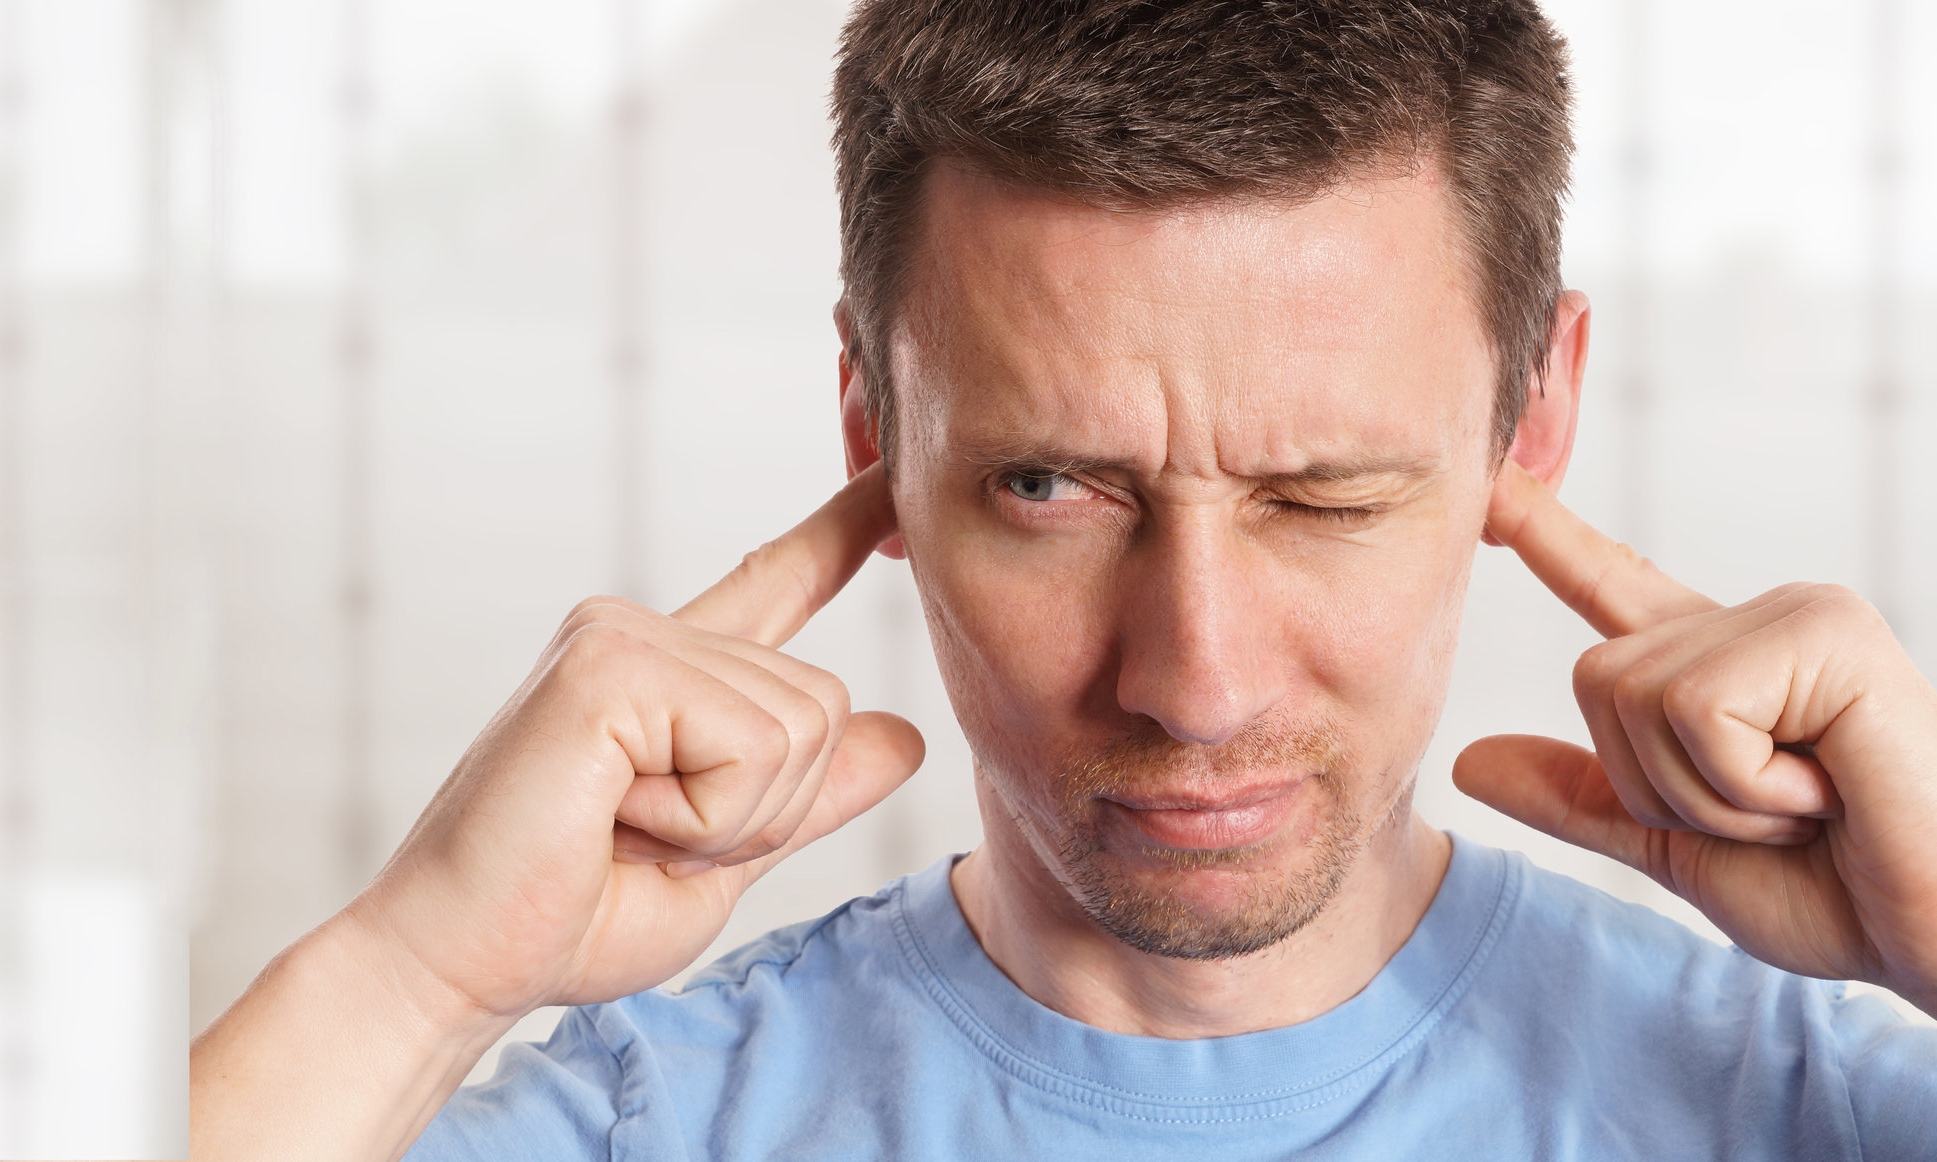 Gehörschutz - Mehr erfahren